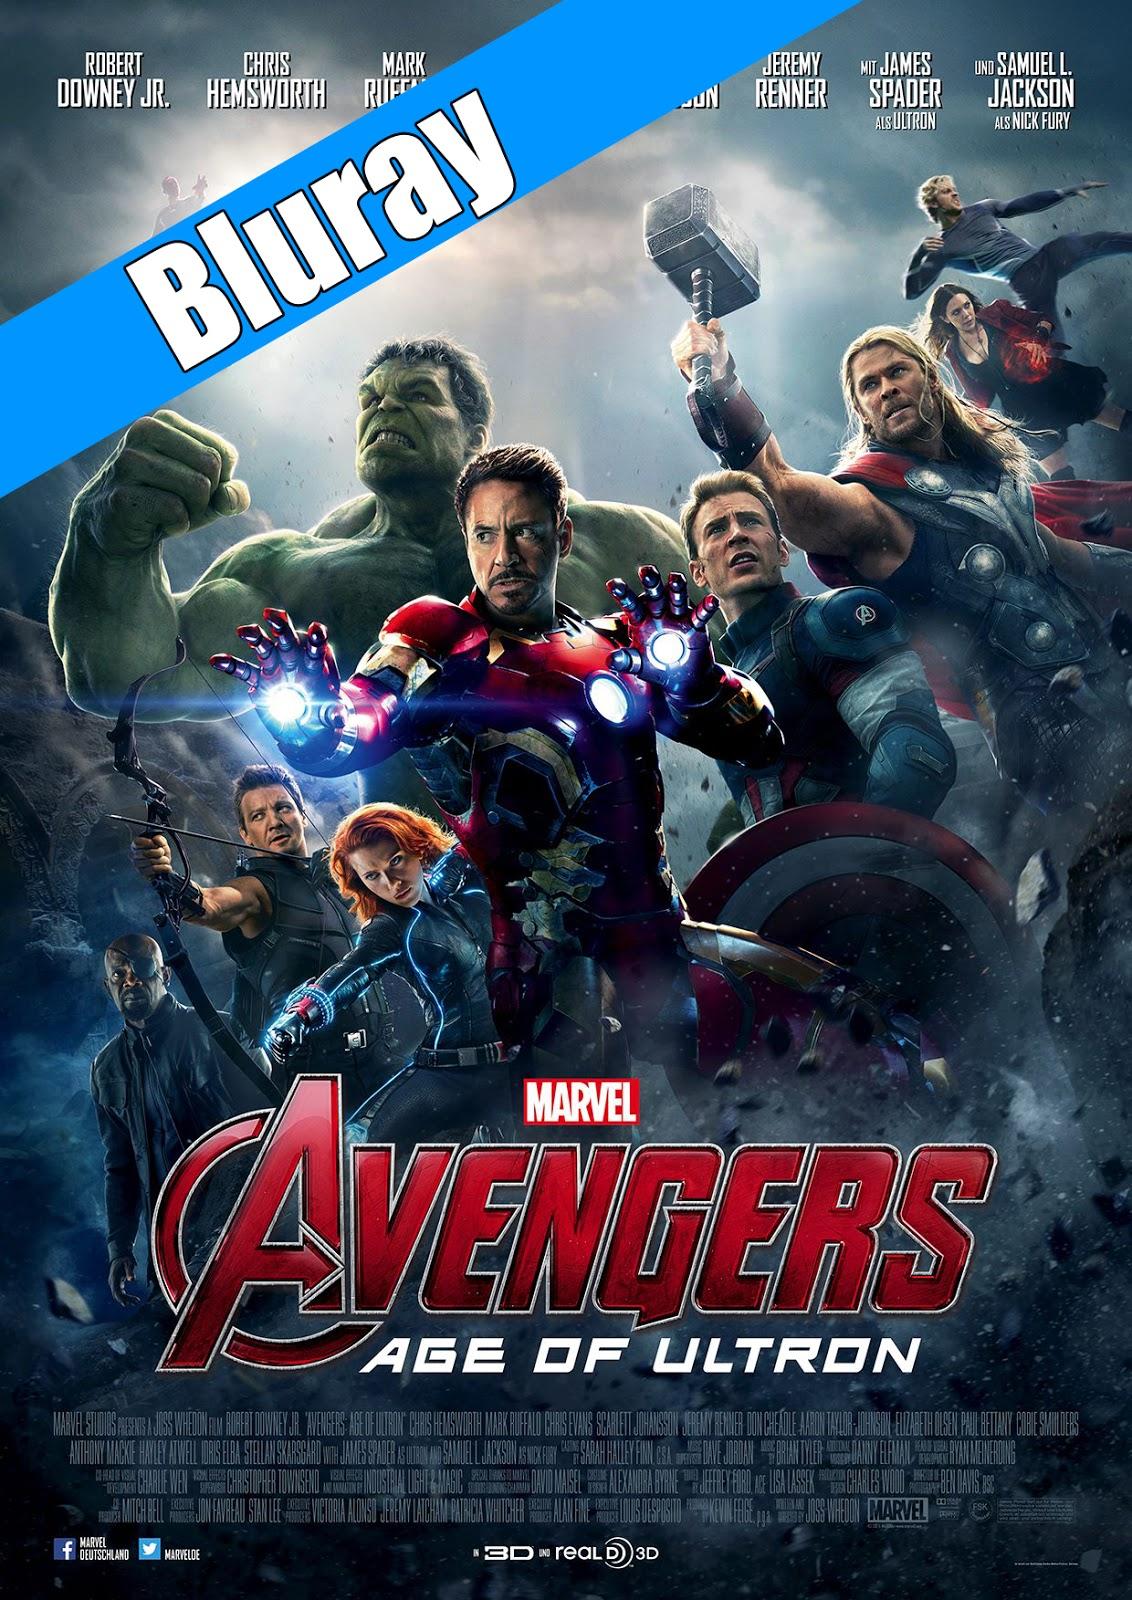 [Obrazek: Avengers_AoU%2Bcopy.jpg]